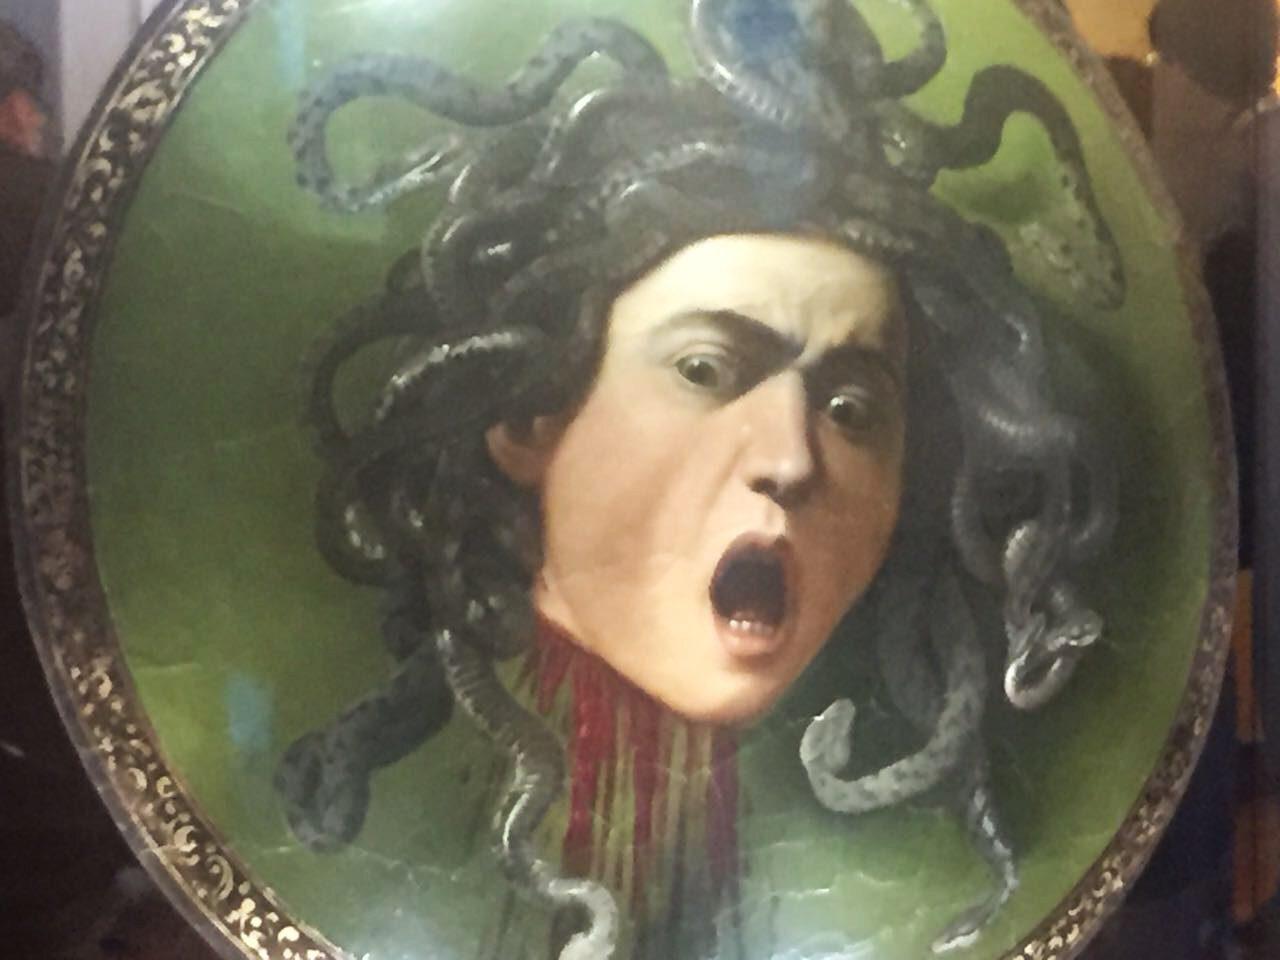 Uffizi Gallery in Florence - Medusa Caravaggio